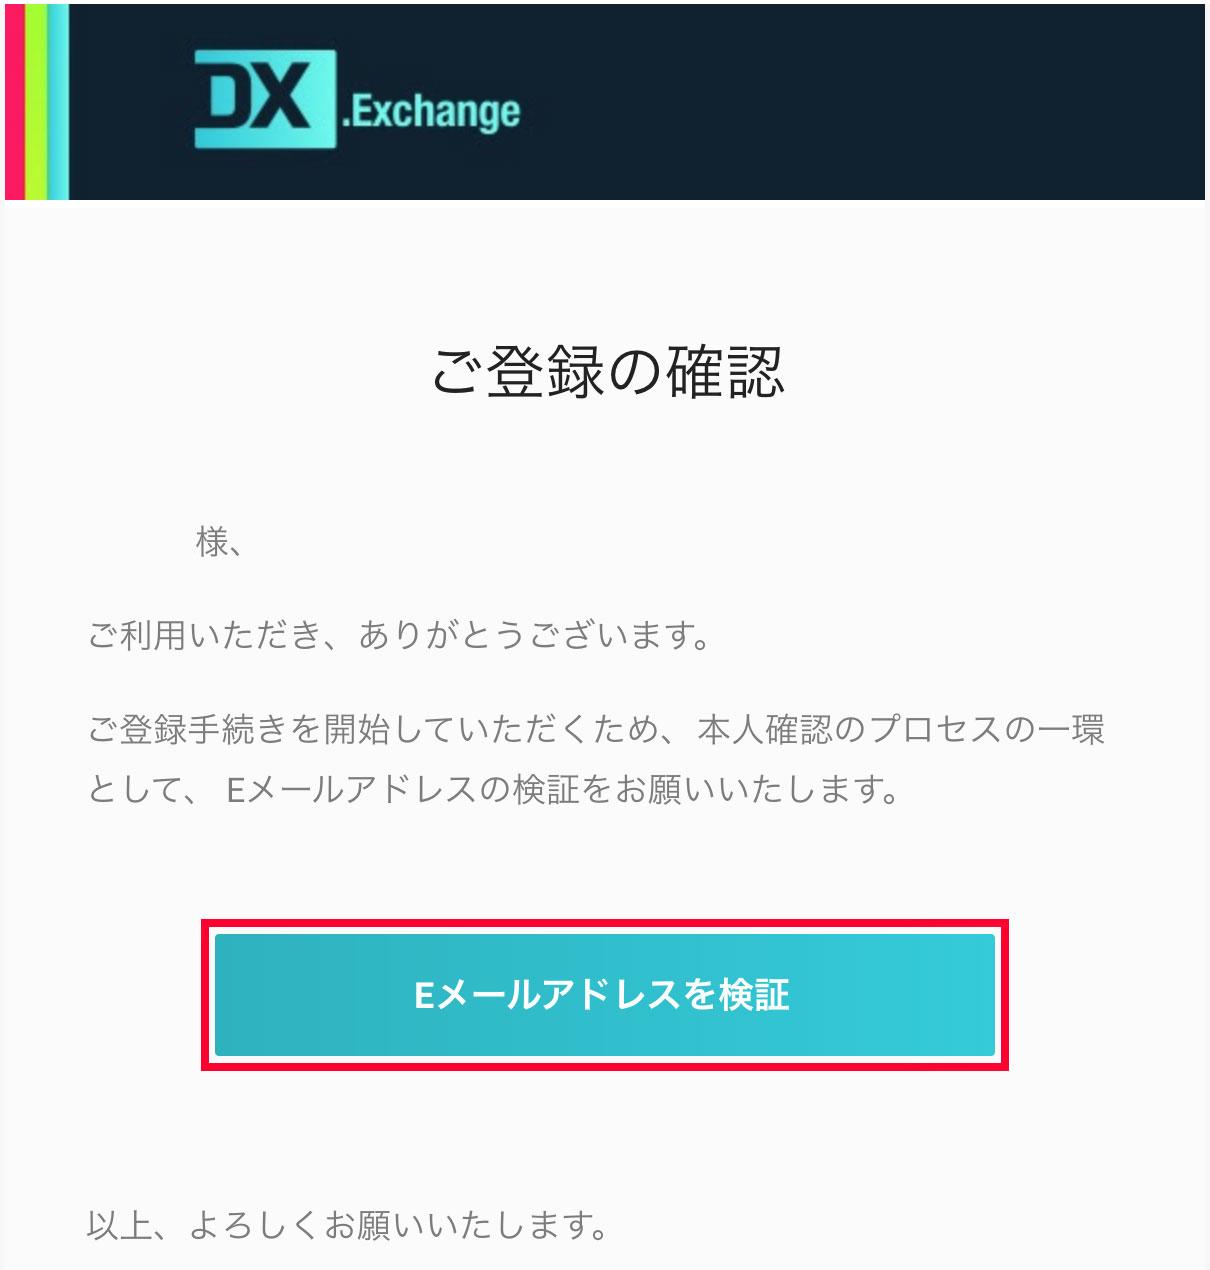 DX.Exchangeから届く「Eメールアドレスを検証」のためのメール